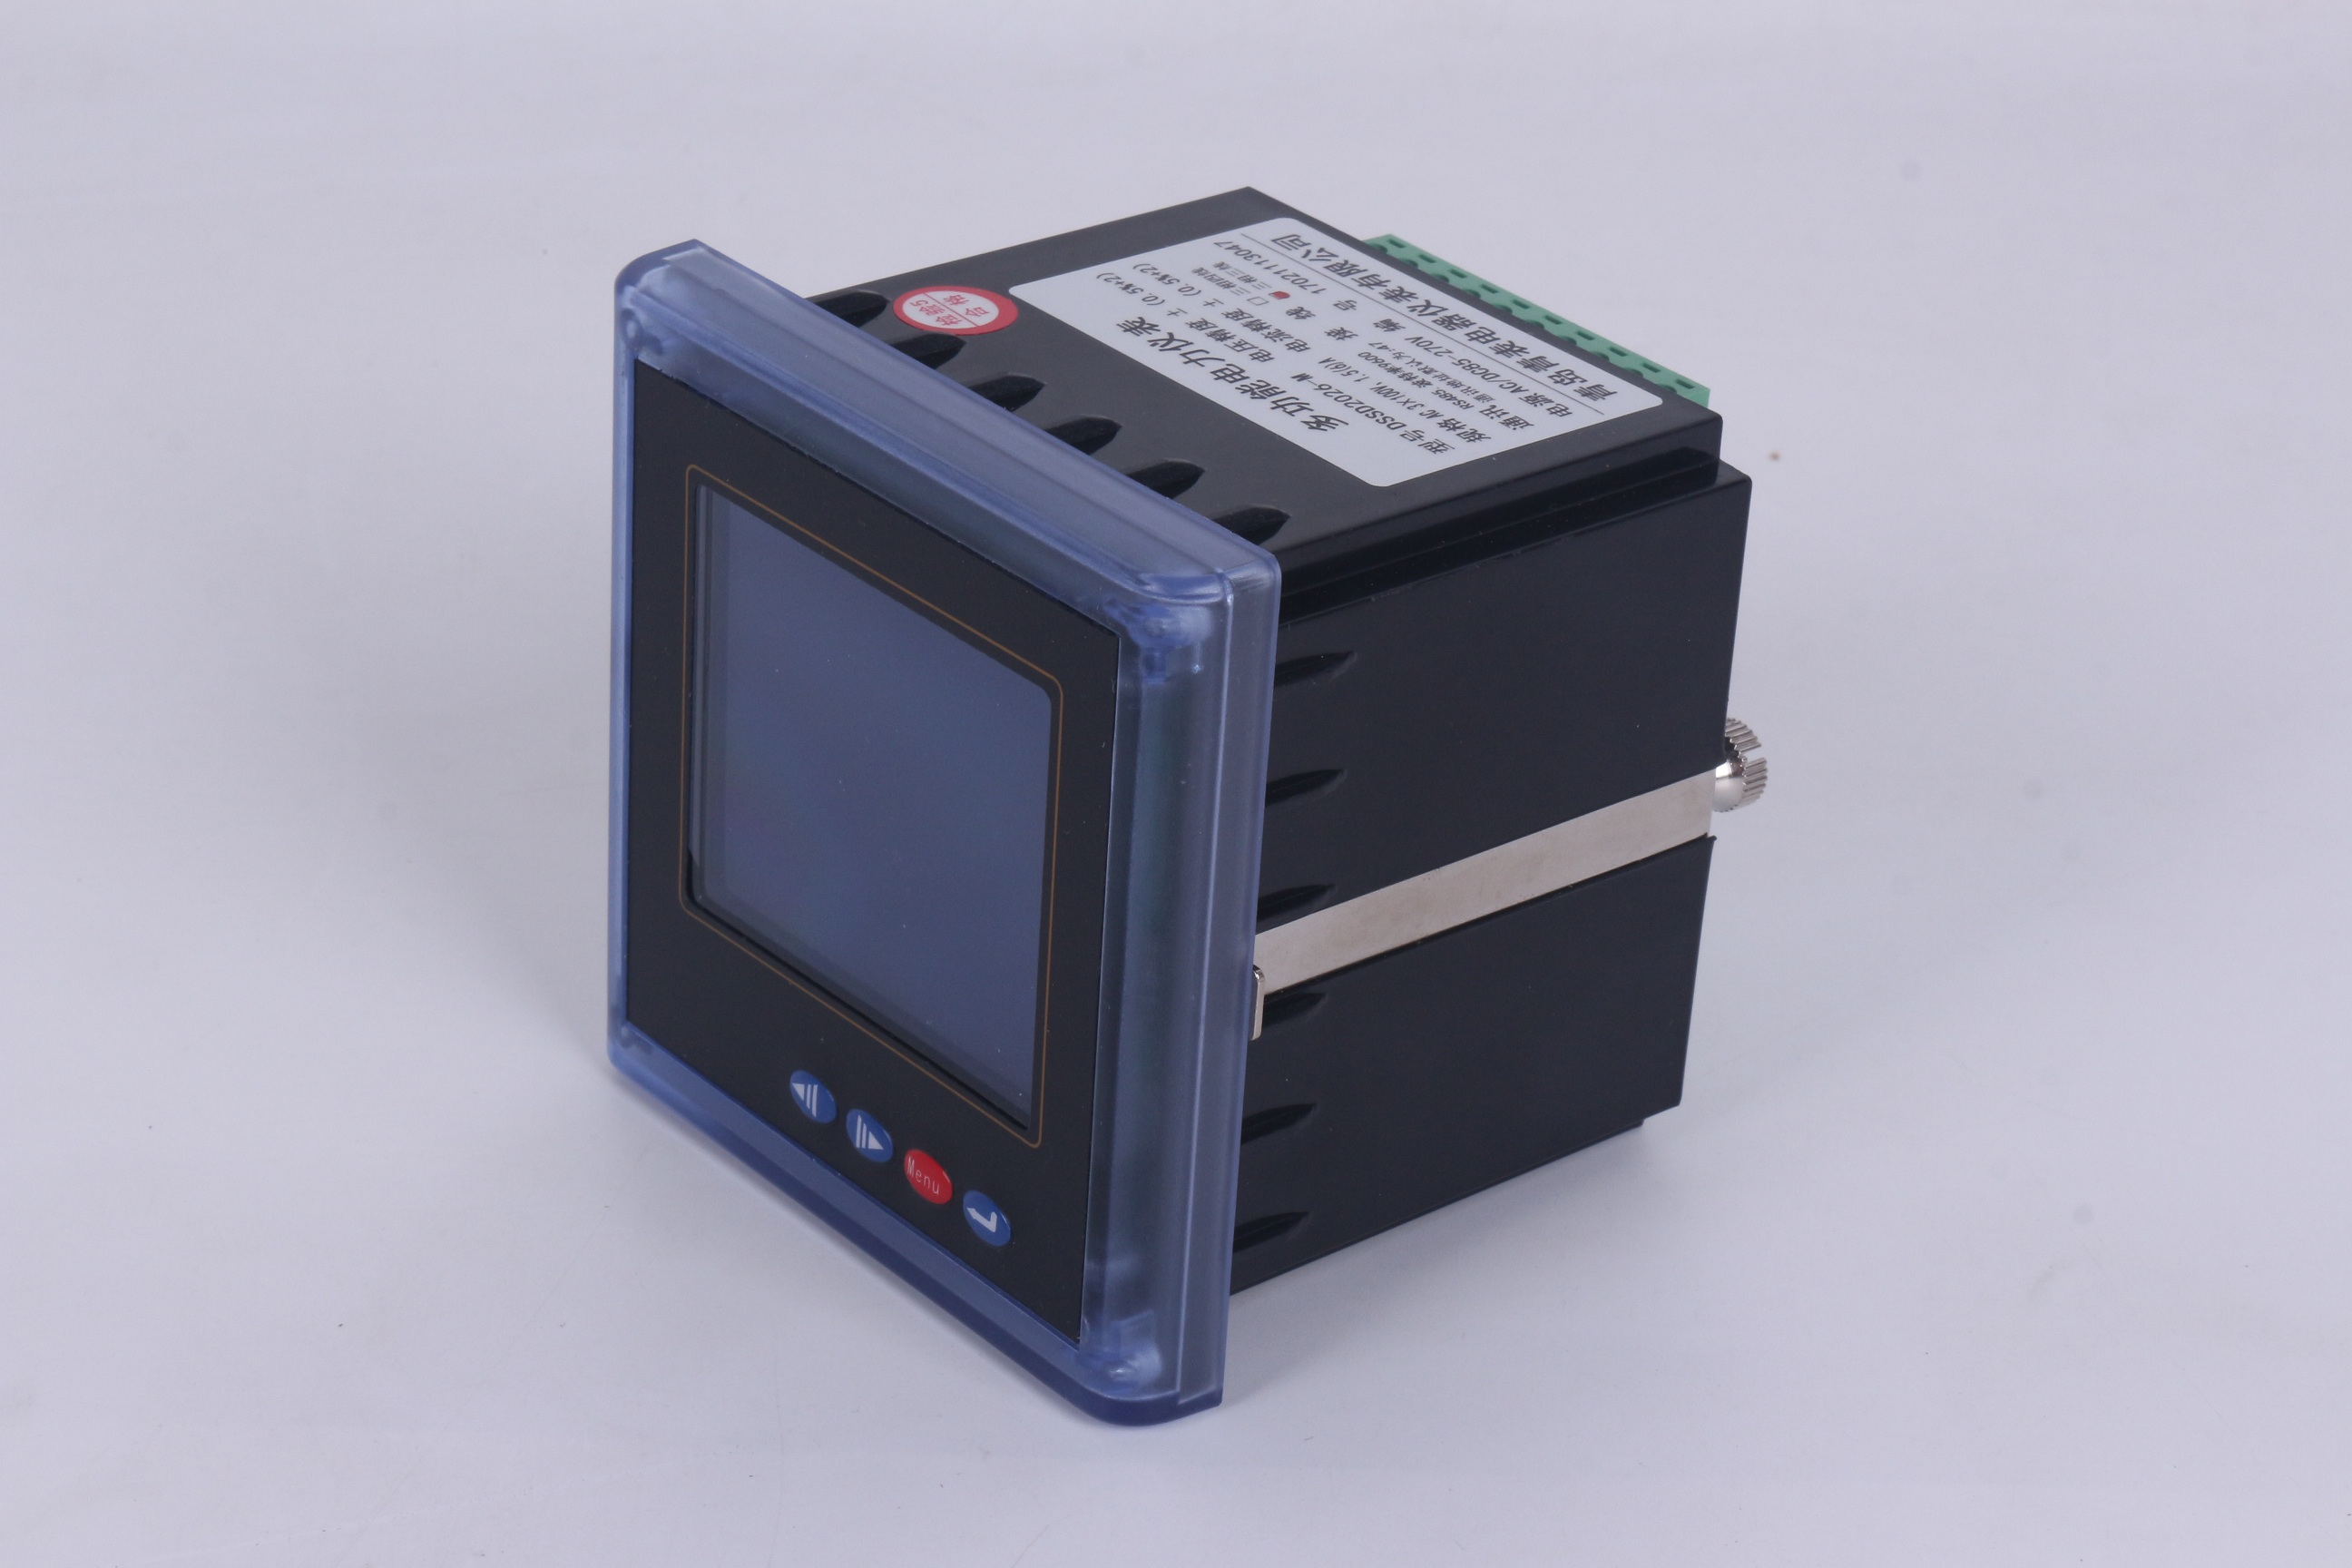 多费率崁入式多功能电力仪表(多费率面板表)